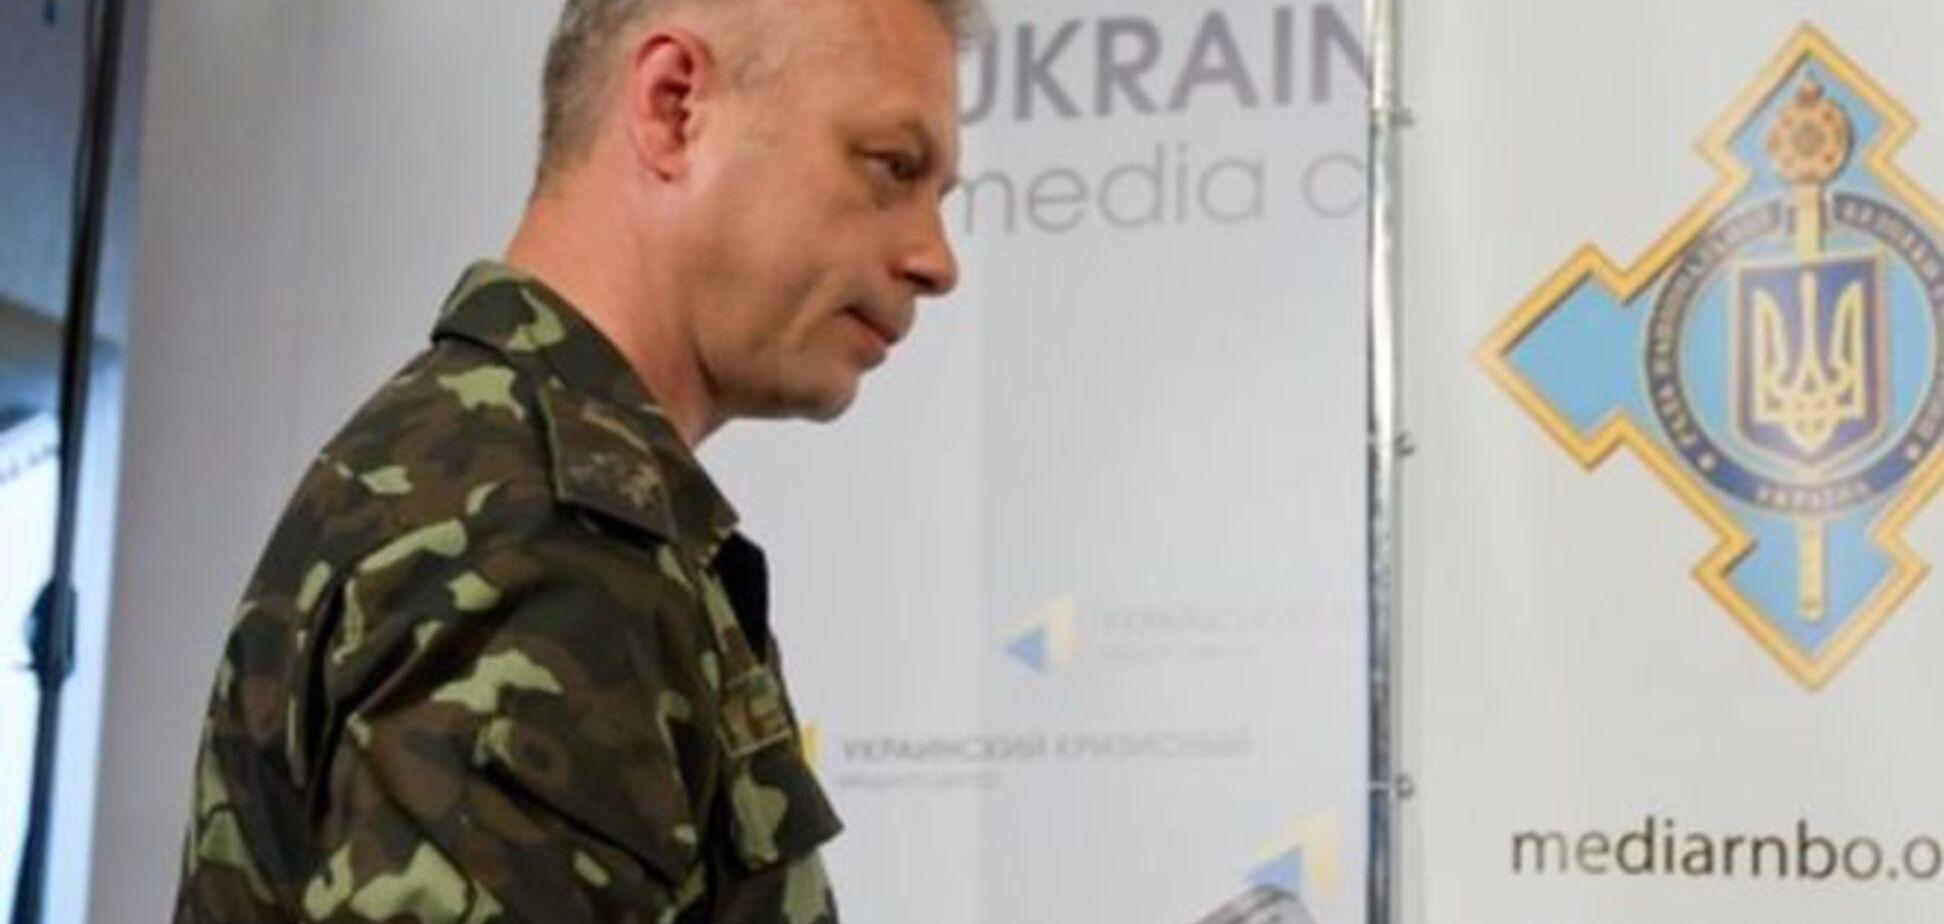 Лысенко рассказал, почему сорвался очередной этап обмена пленными